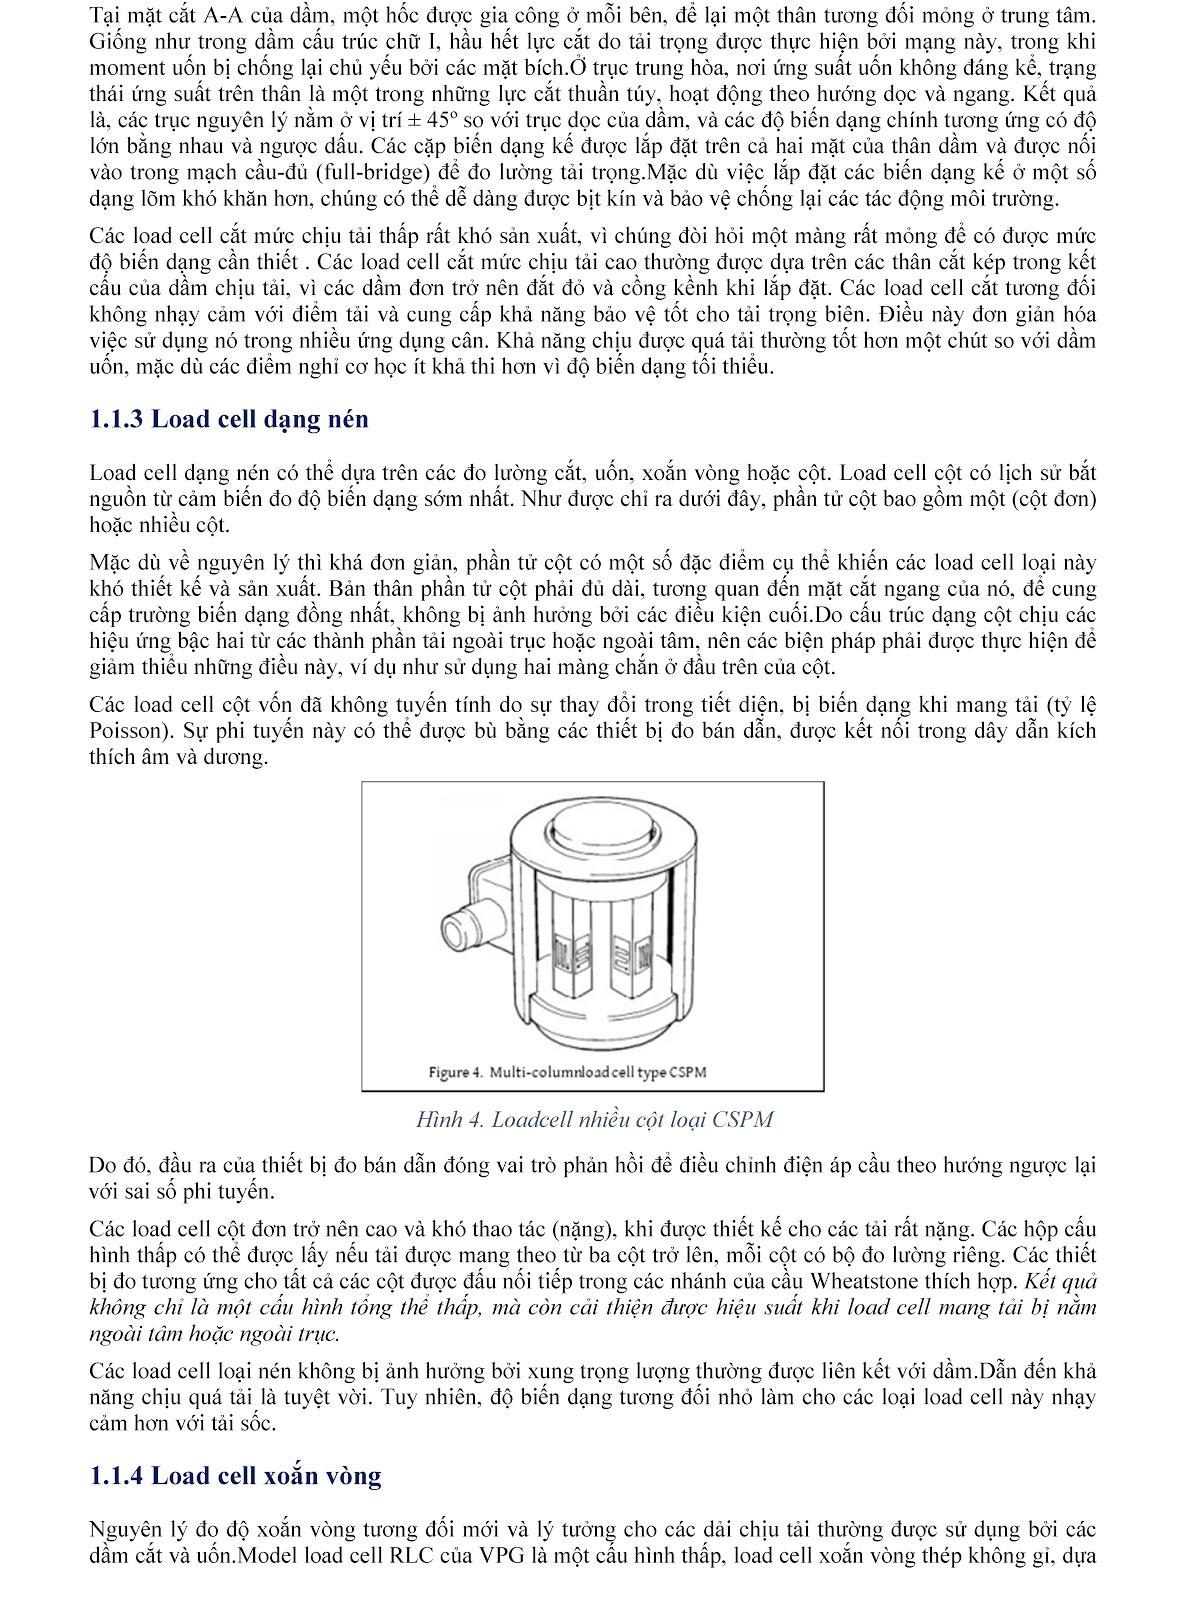 Lưu ý kỹ thuật về Load cell và module cân điện tử (tt) 3